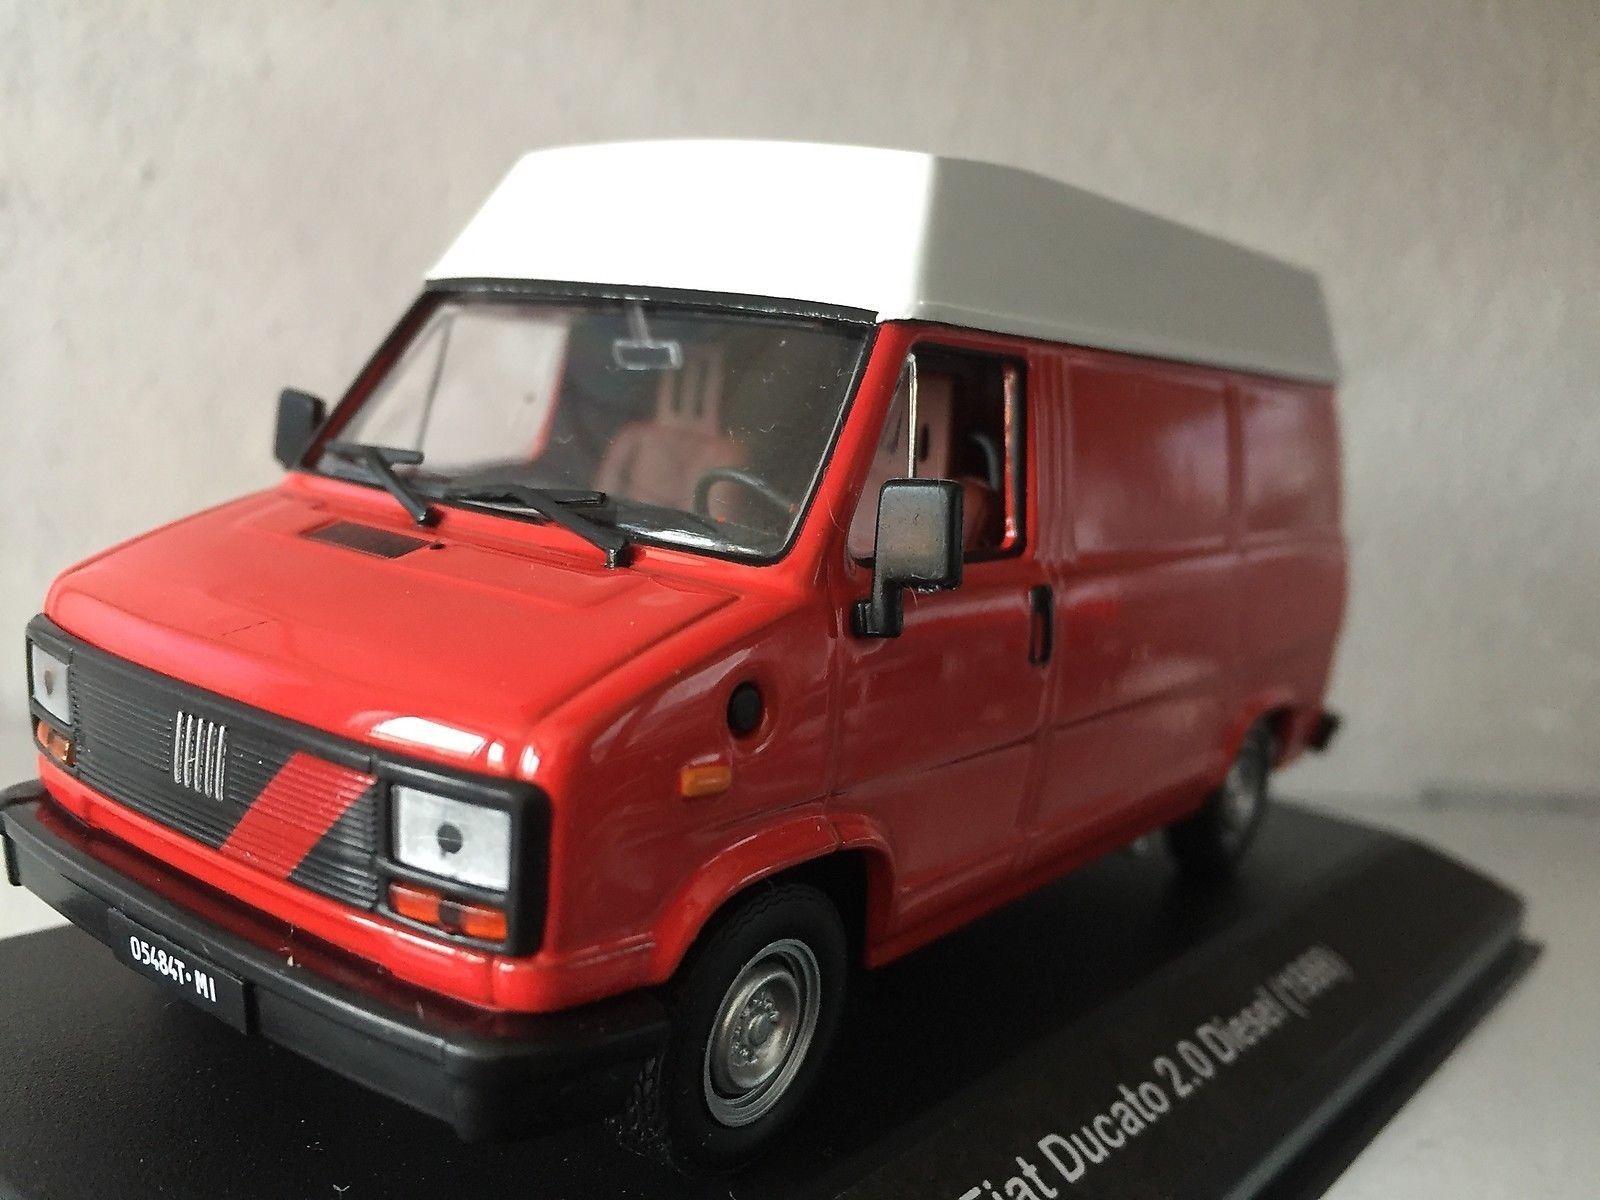 426 Fiat Ducato 2.0 Diesel (1986) rot - DIE CAST 1 43